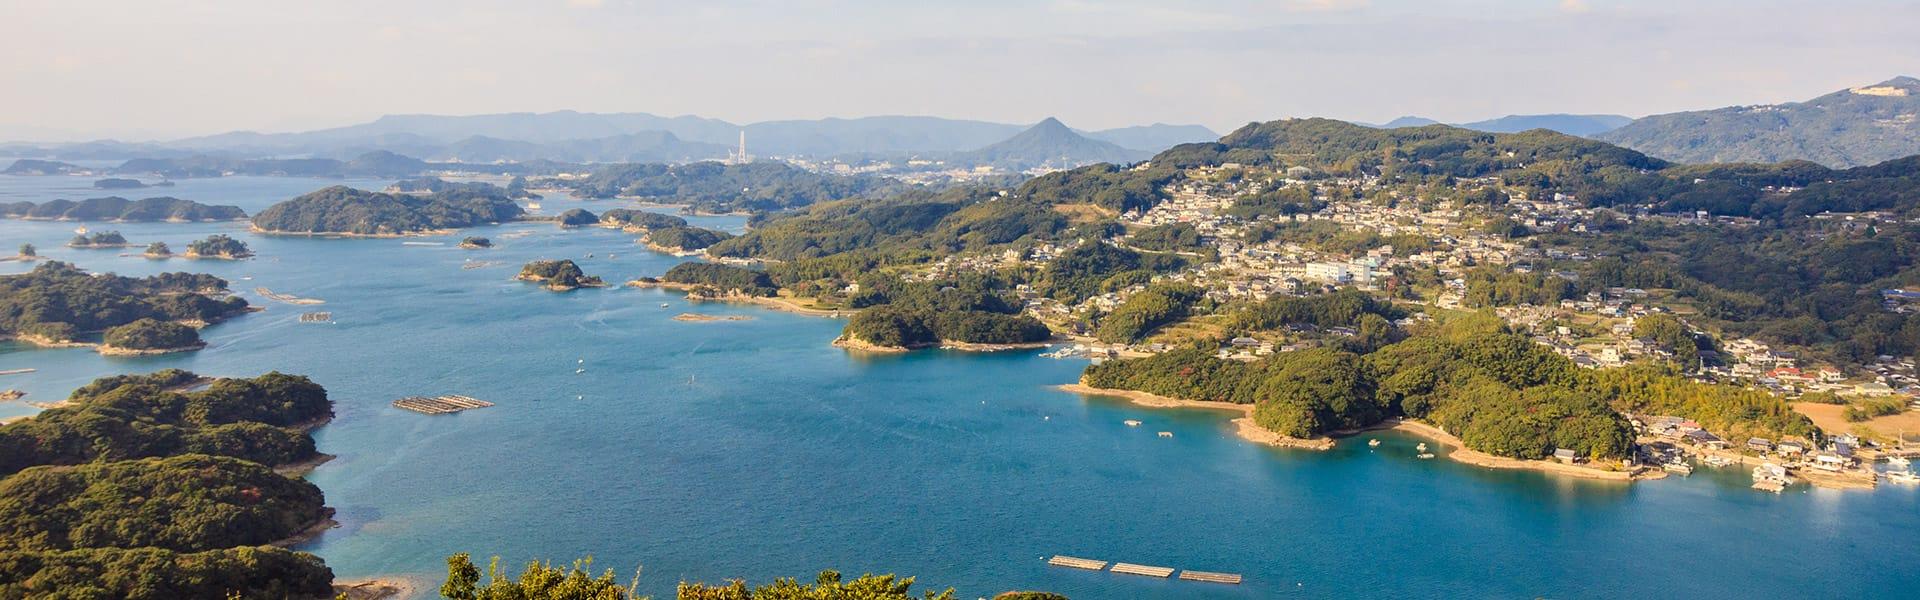 アジア:大阪、名古屋、釜山、別府